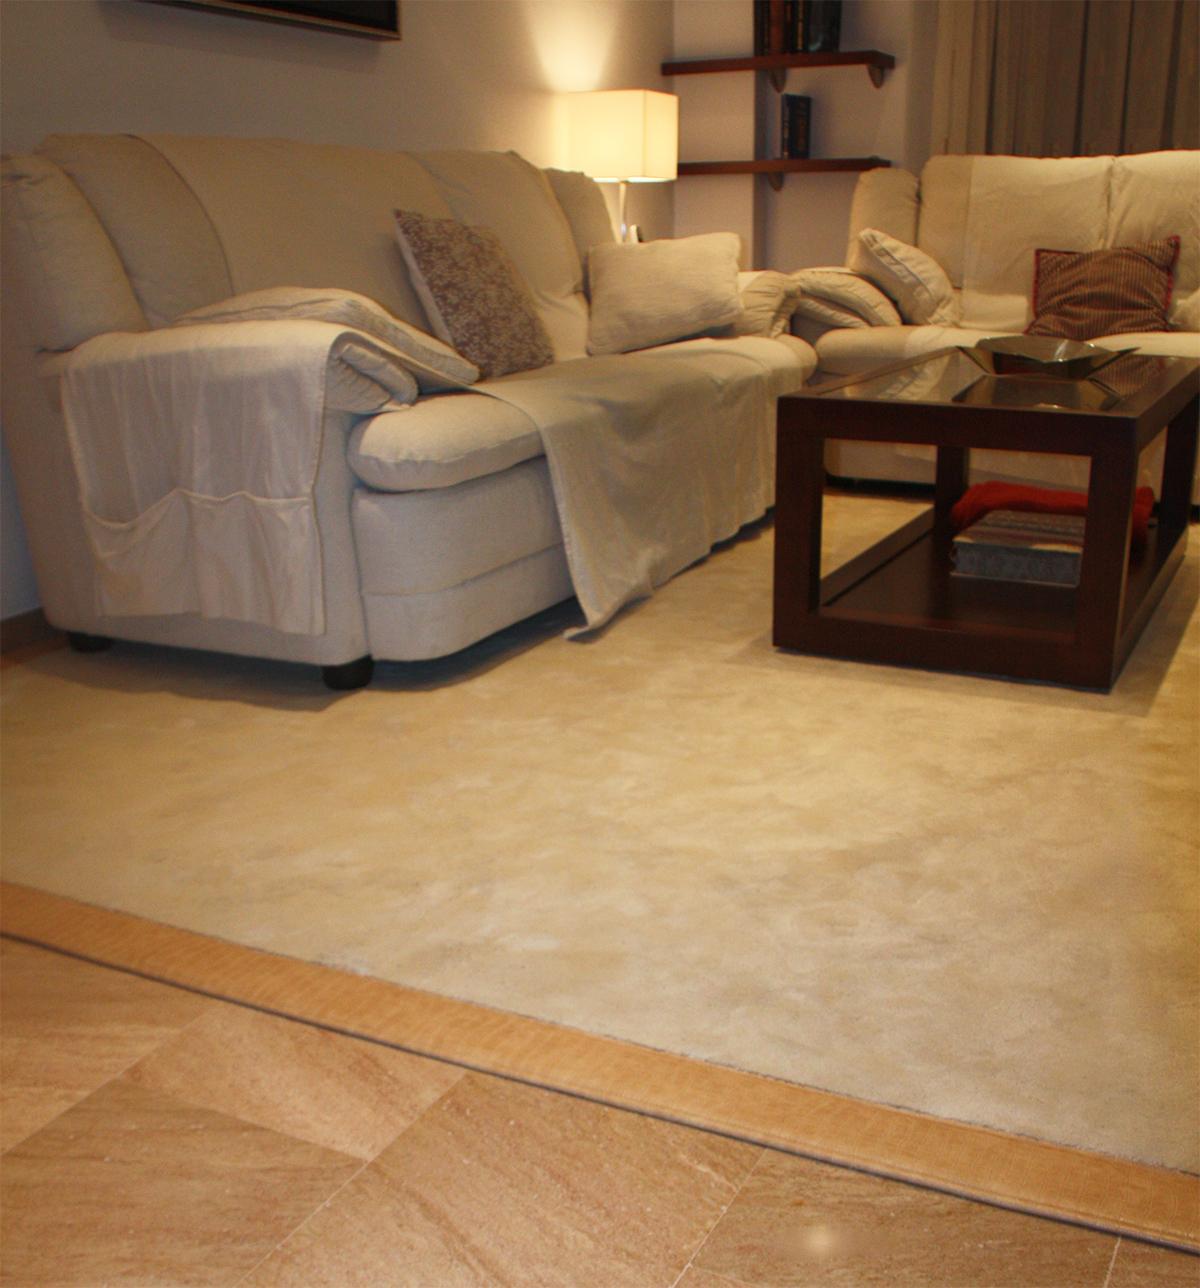 Alfombras baratas online en blog de mundoalfombra - Alfombras baratas barcelona ...